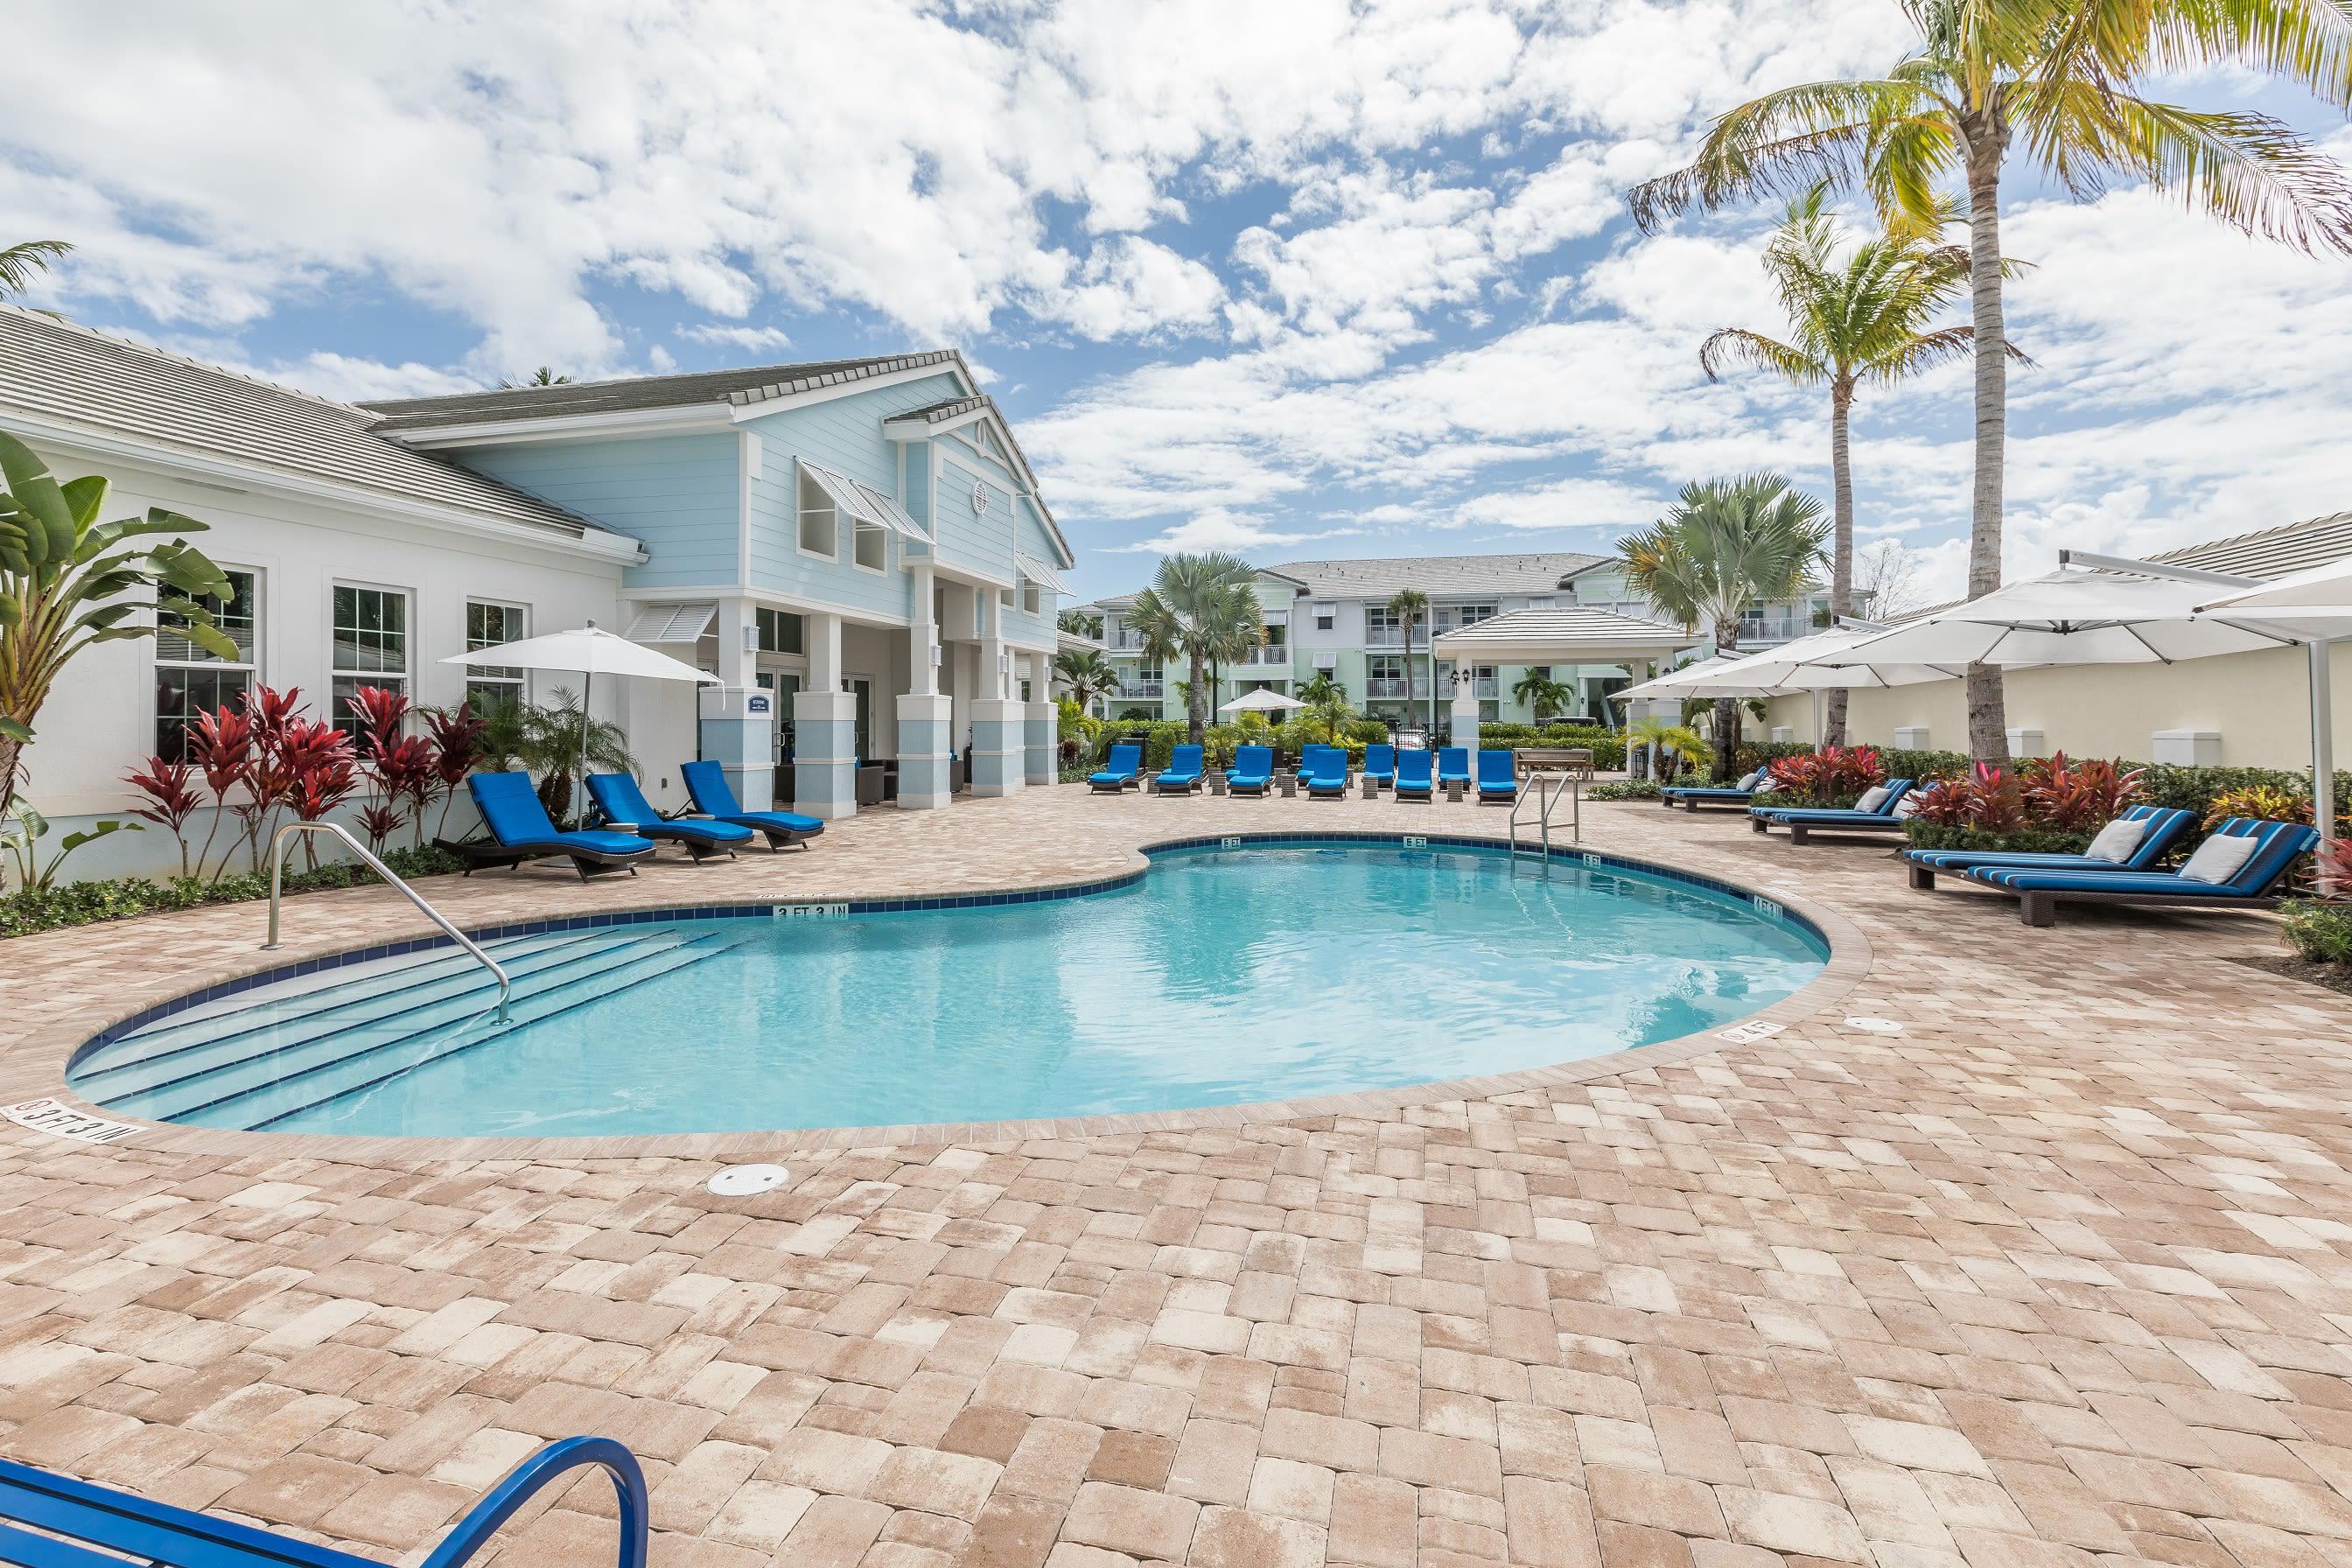 Outdoor pool at High Ridge Landing in Boynton Beach, Florida